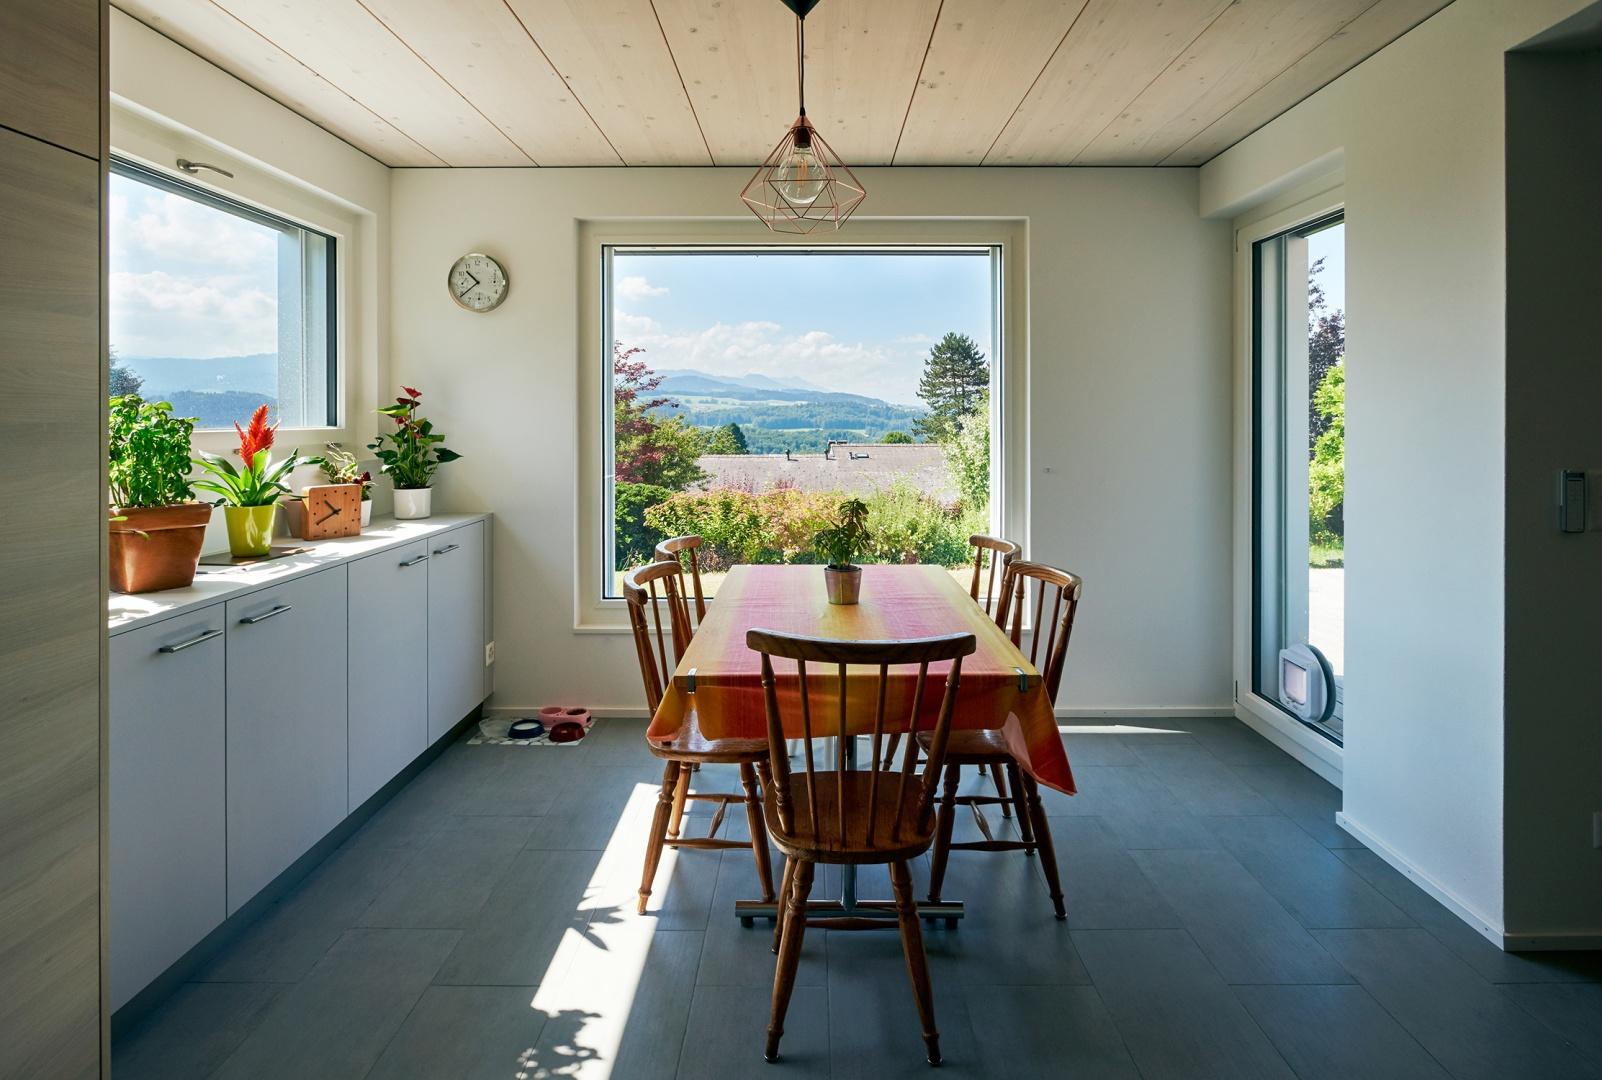 Salle à manger intégrée dans l'annexe en bois © Corinne Cuendet, Clarens